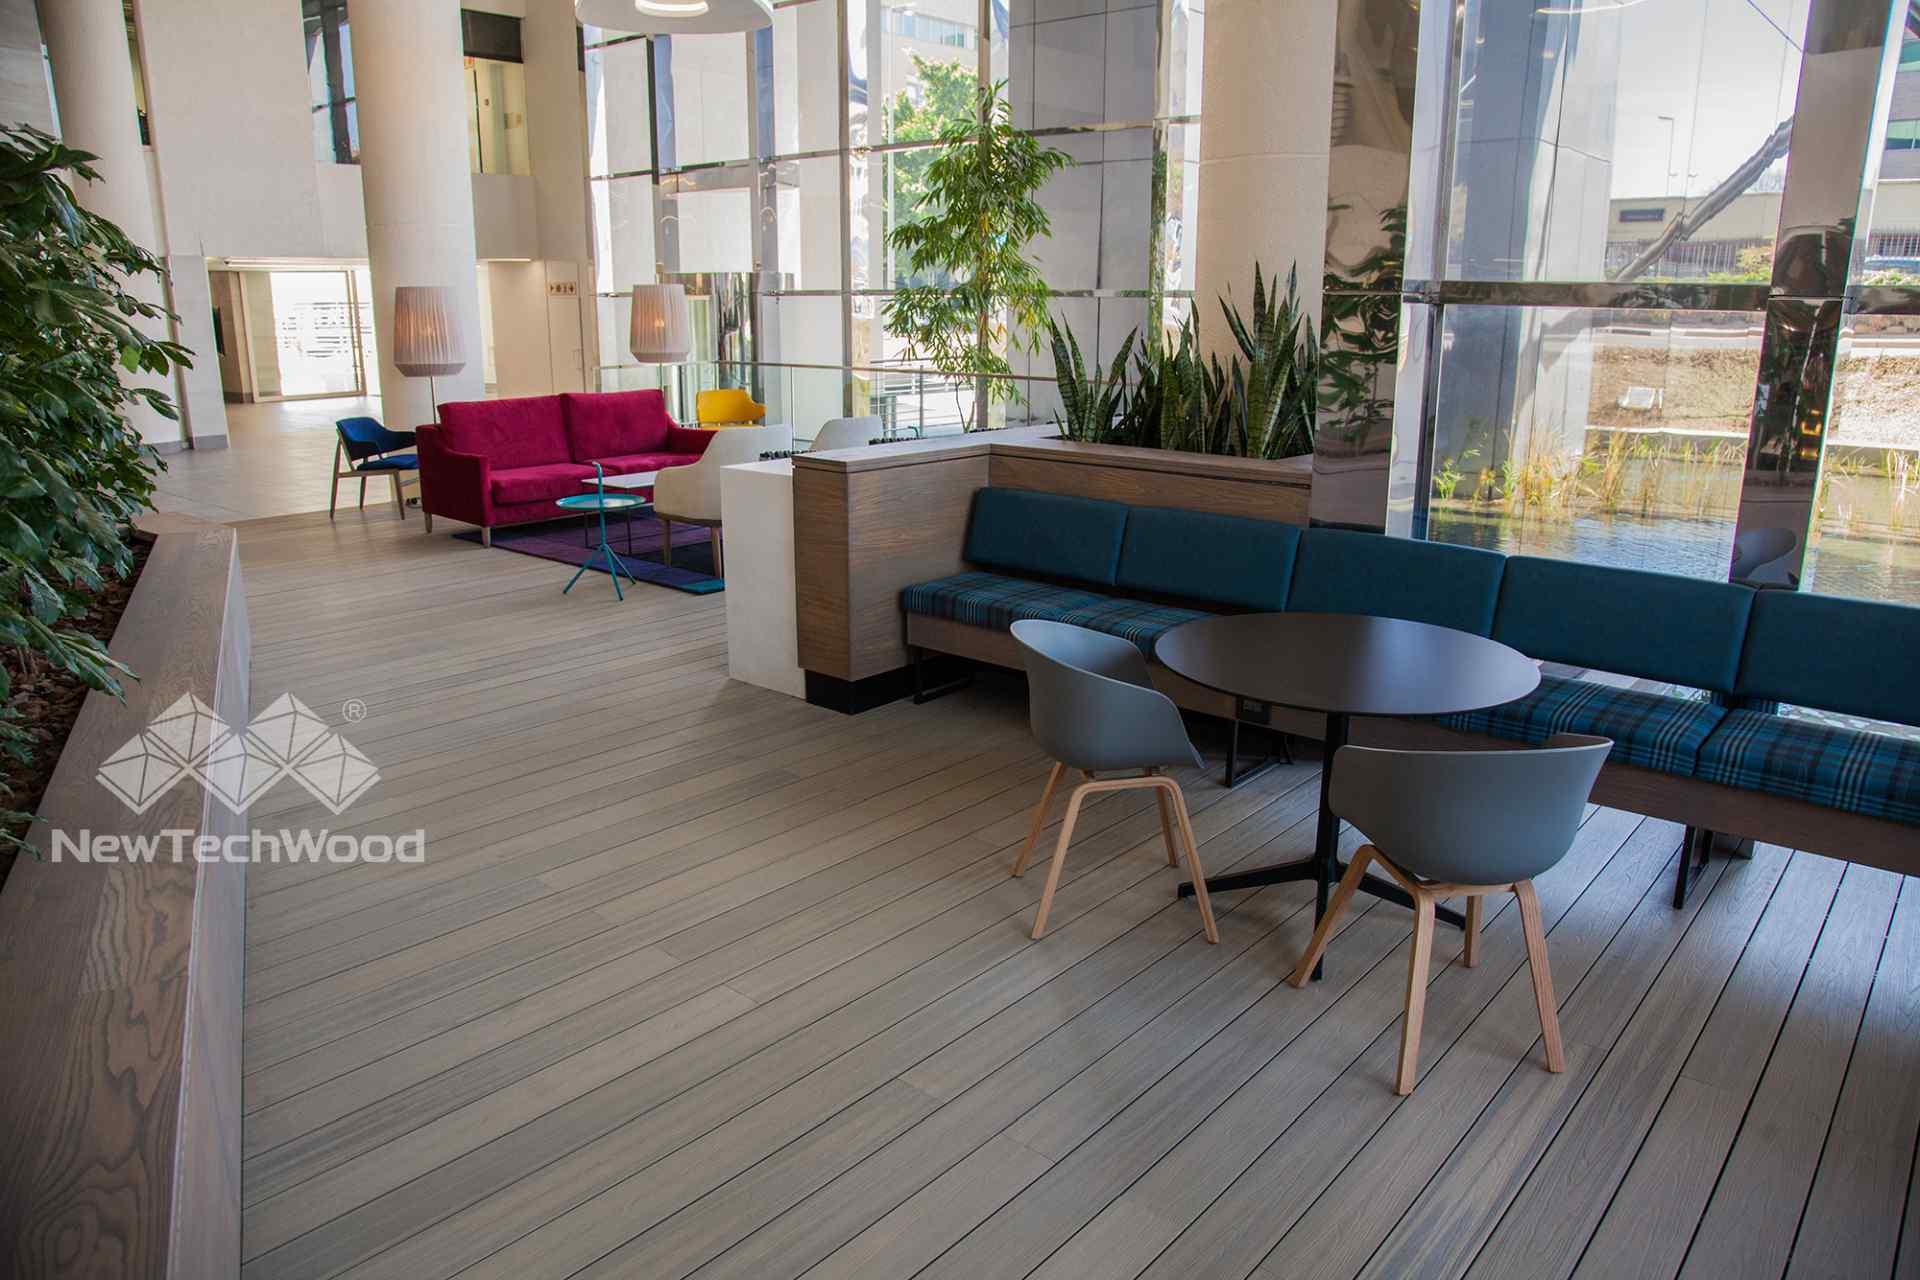 美新塑木-室內地板